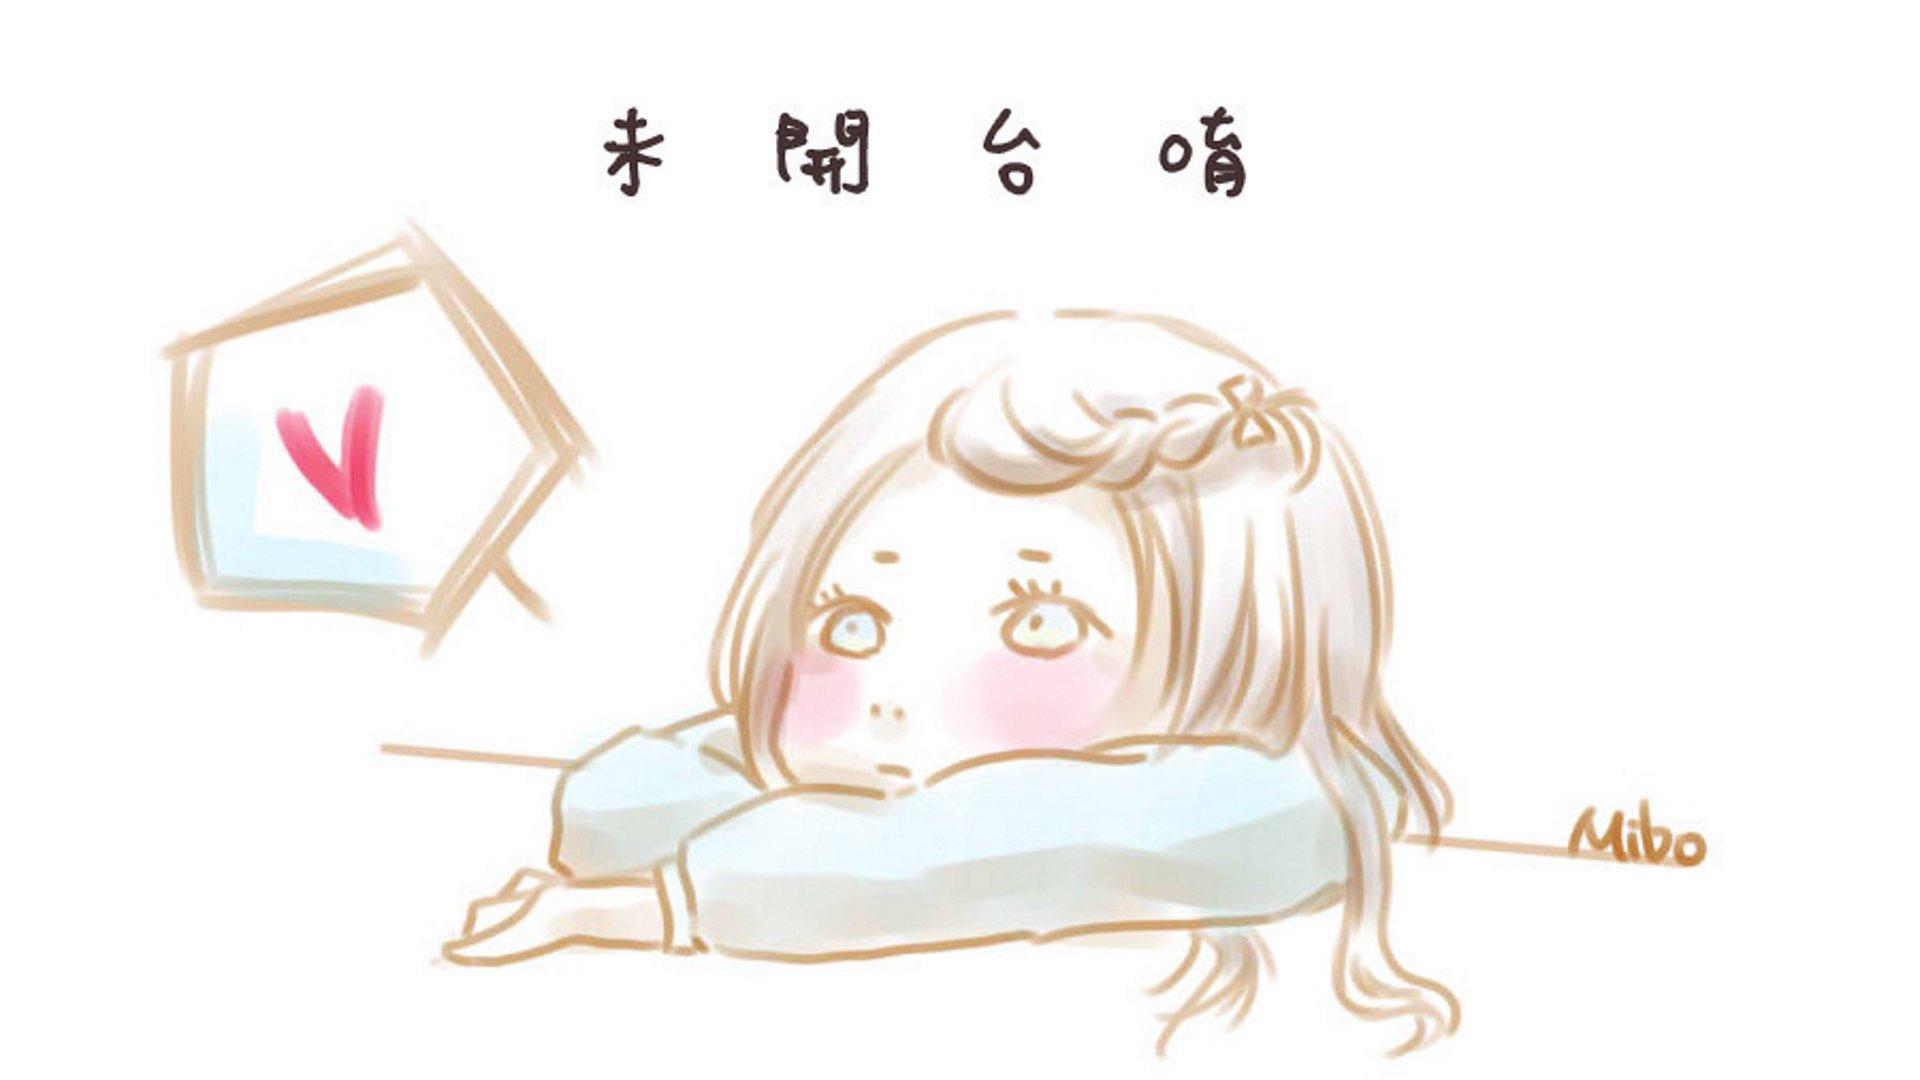 Mibo ♥ 畫畫 找手感